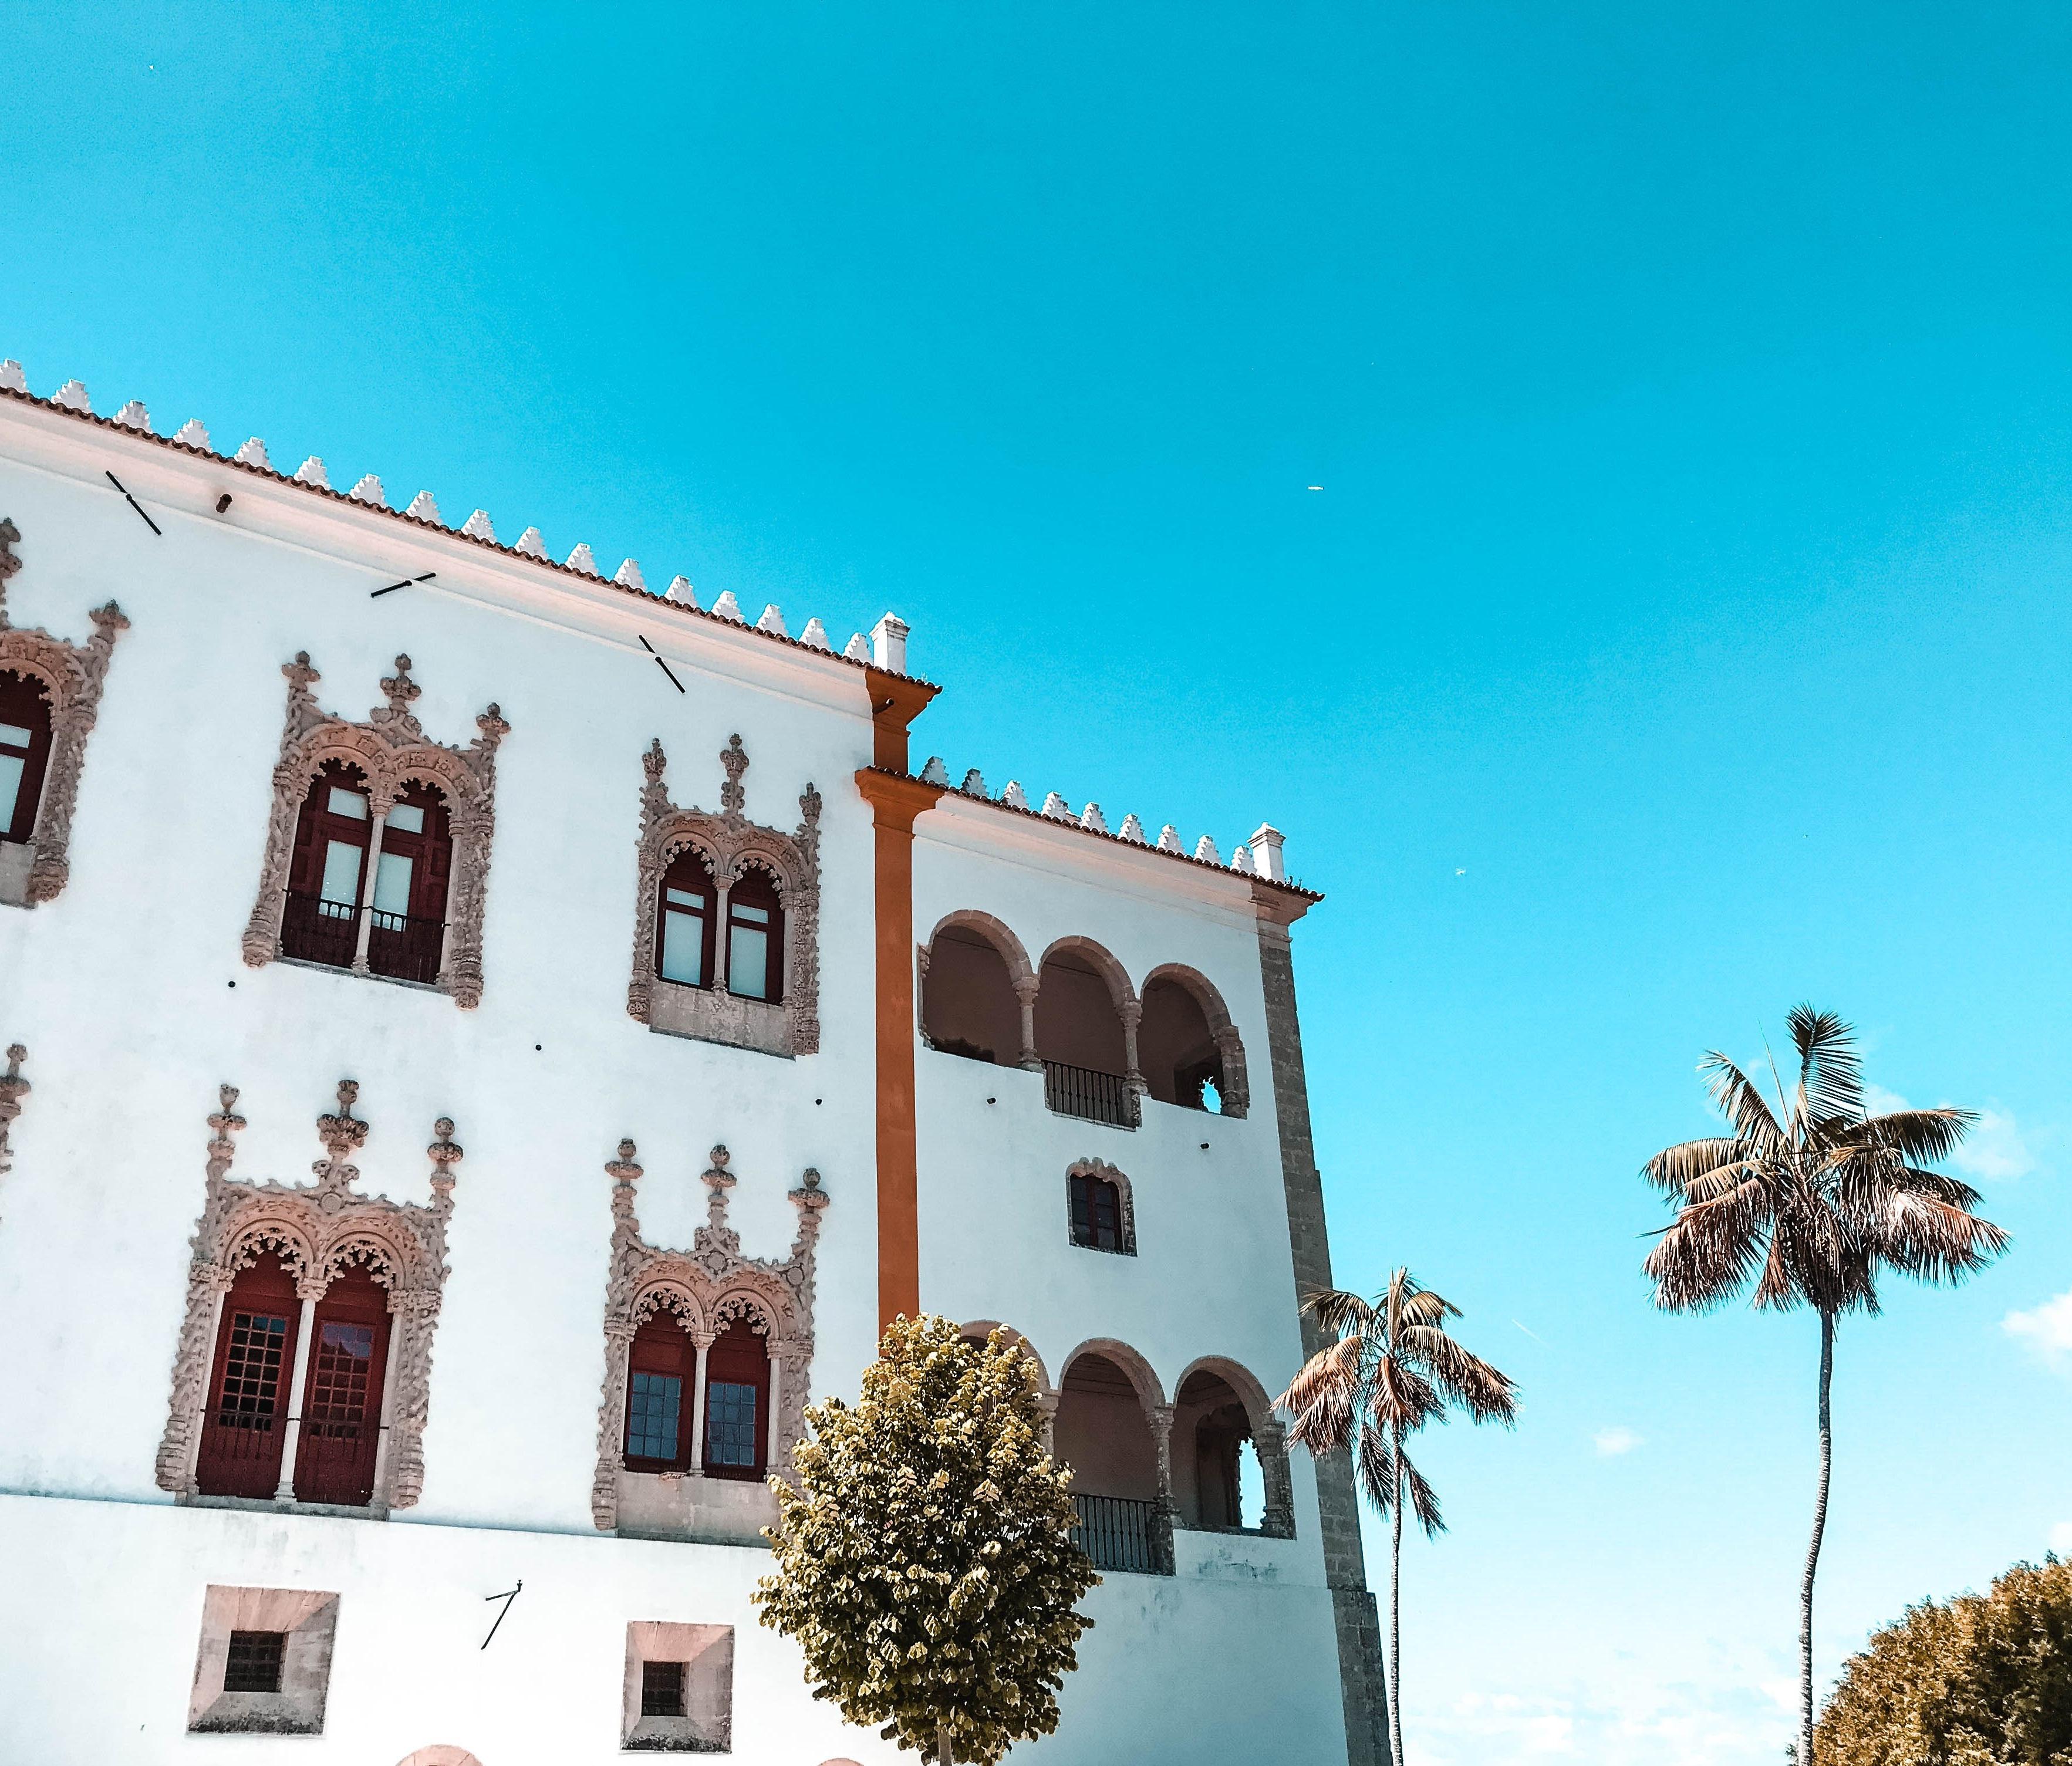 12072018: #PORTUGAL – SINTRA